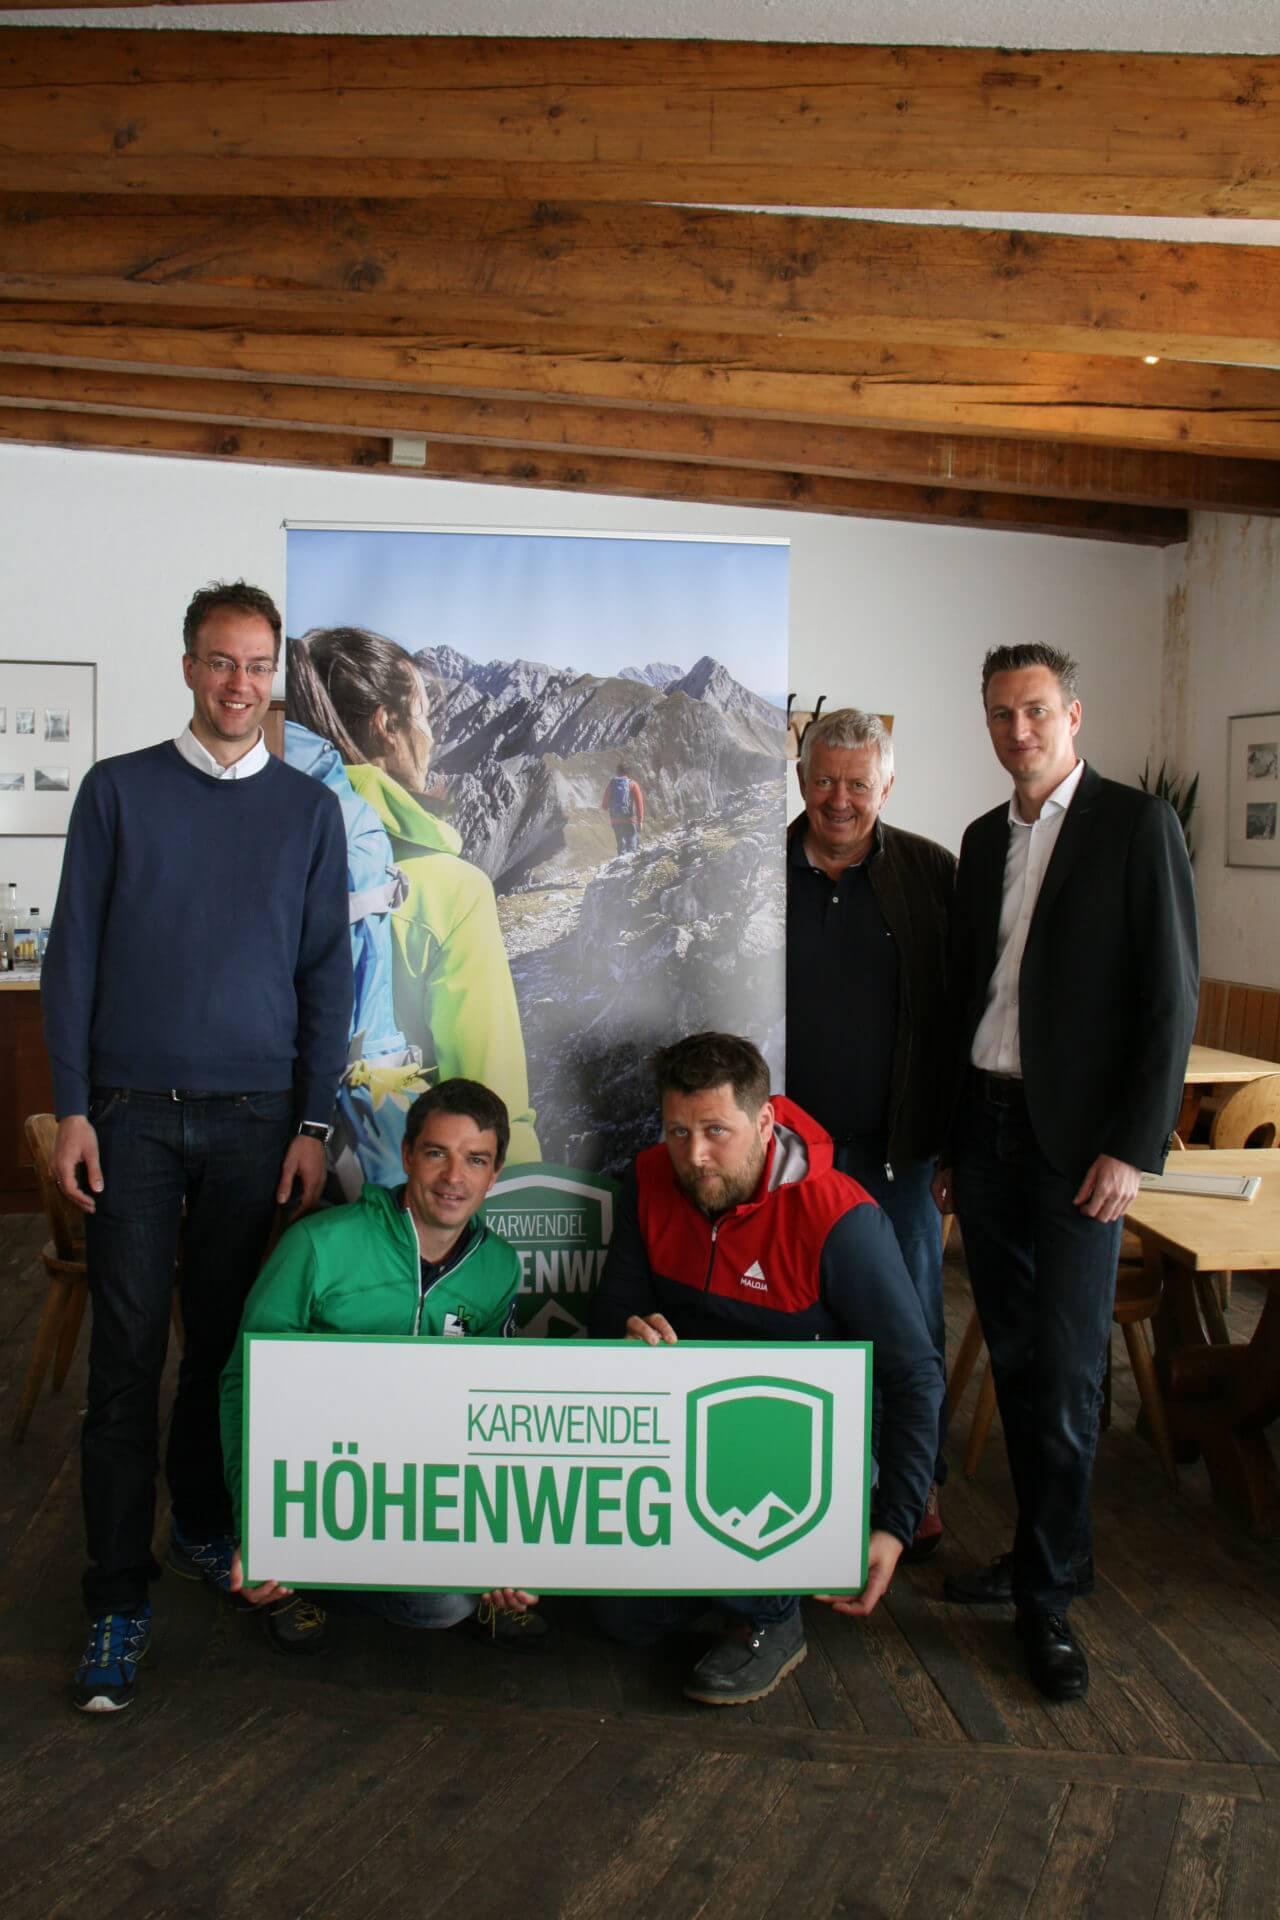 Pressekonferenz zum Karwendel Höhenweg